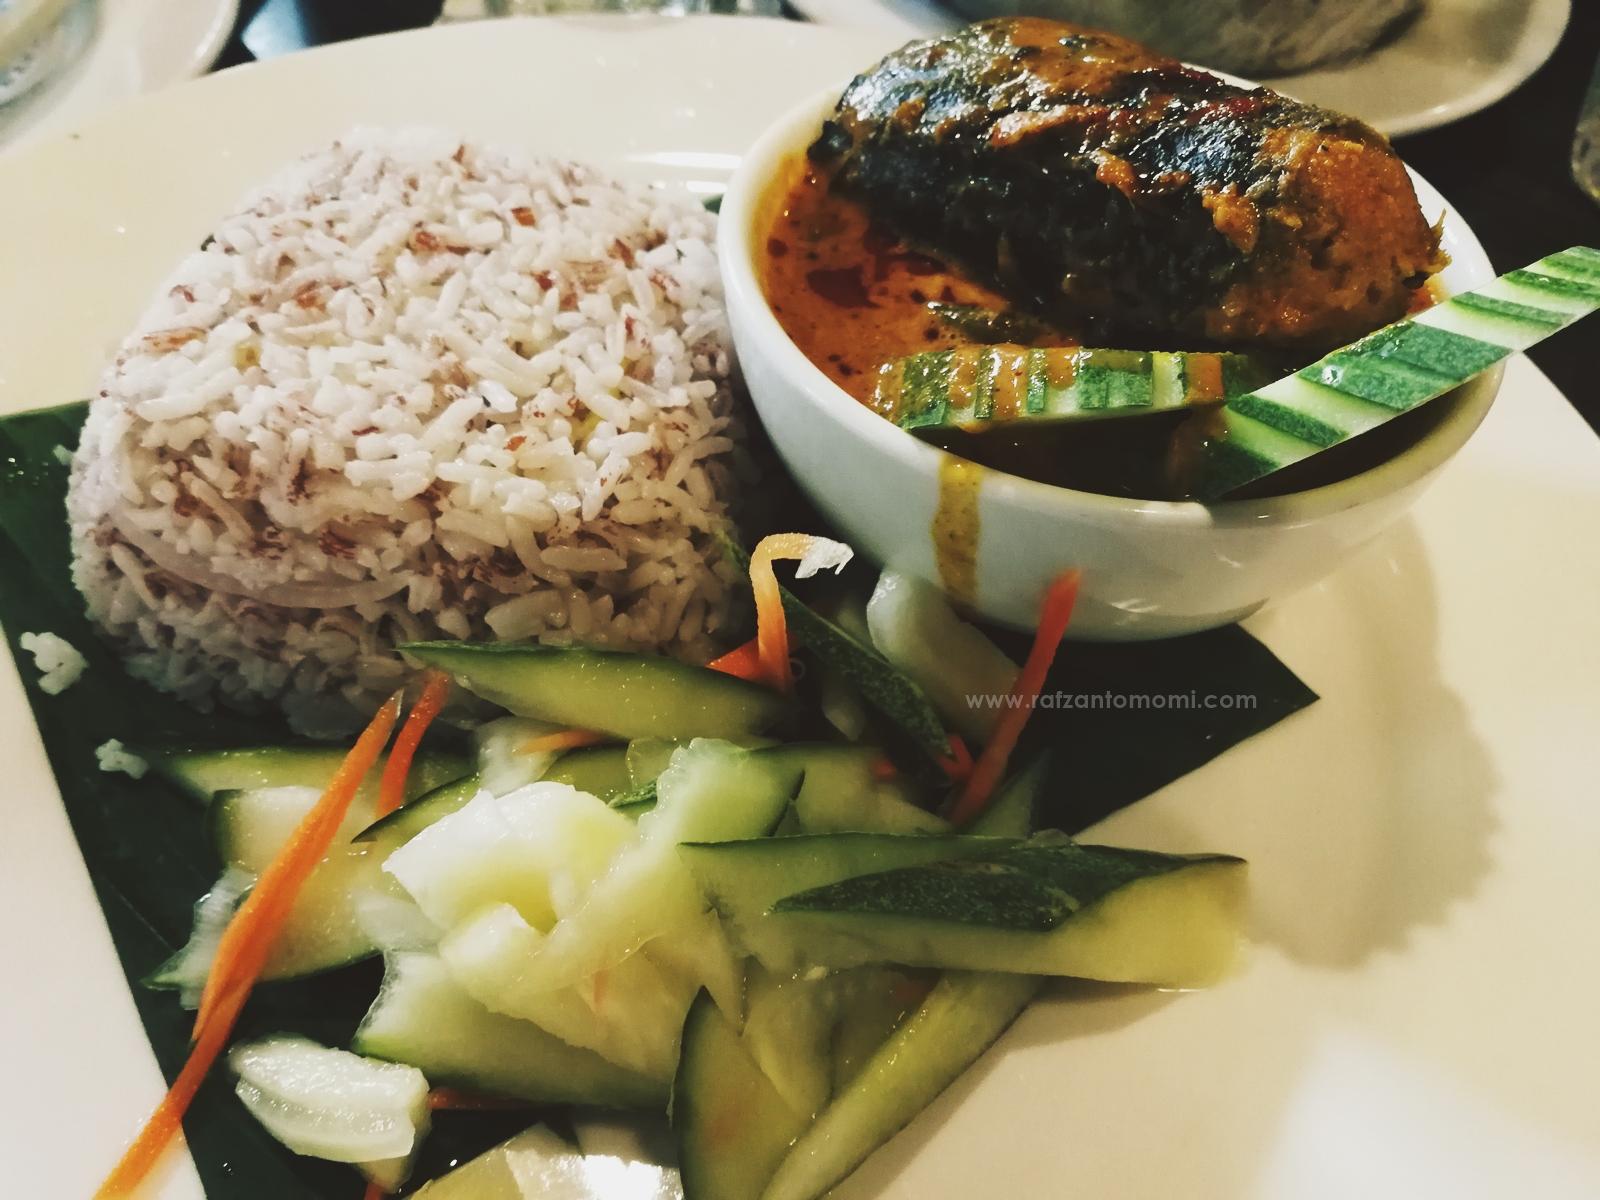 Hornbill Restaurant & Café - Makan Sambil Menikmati Keindahan Alam Di Hornbill Restaurant & Café